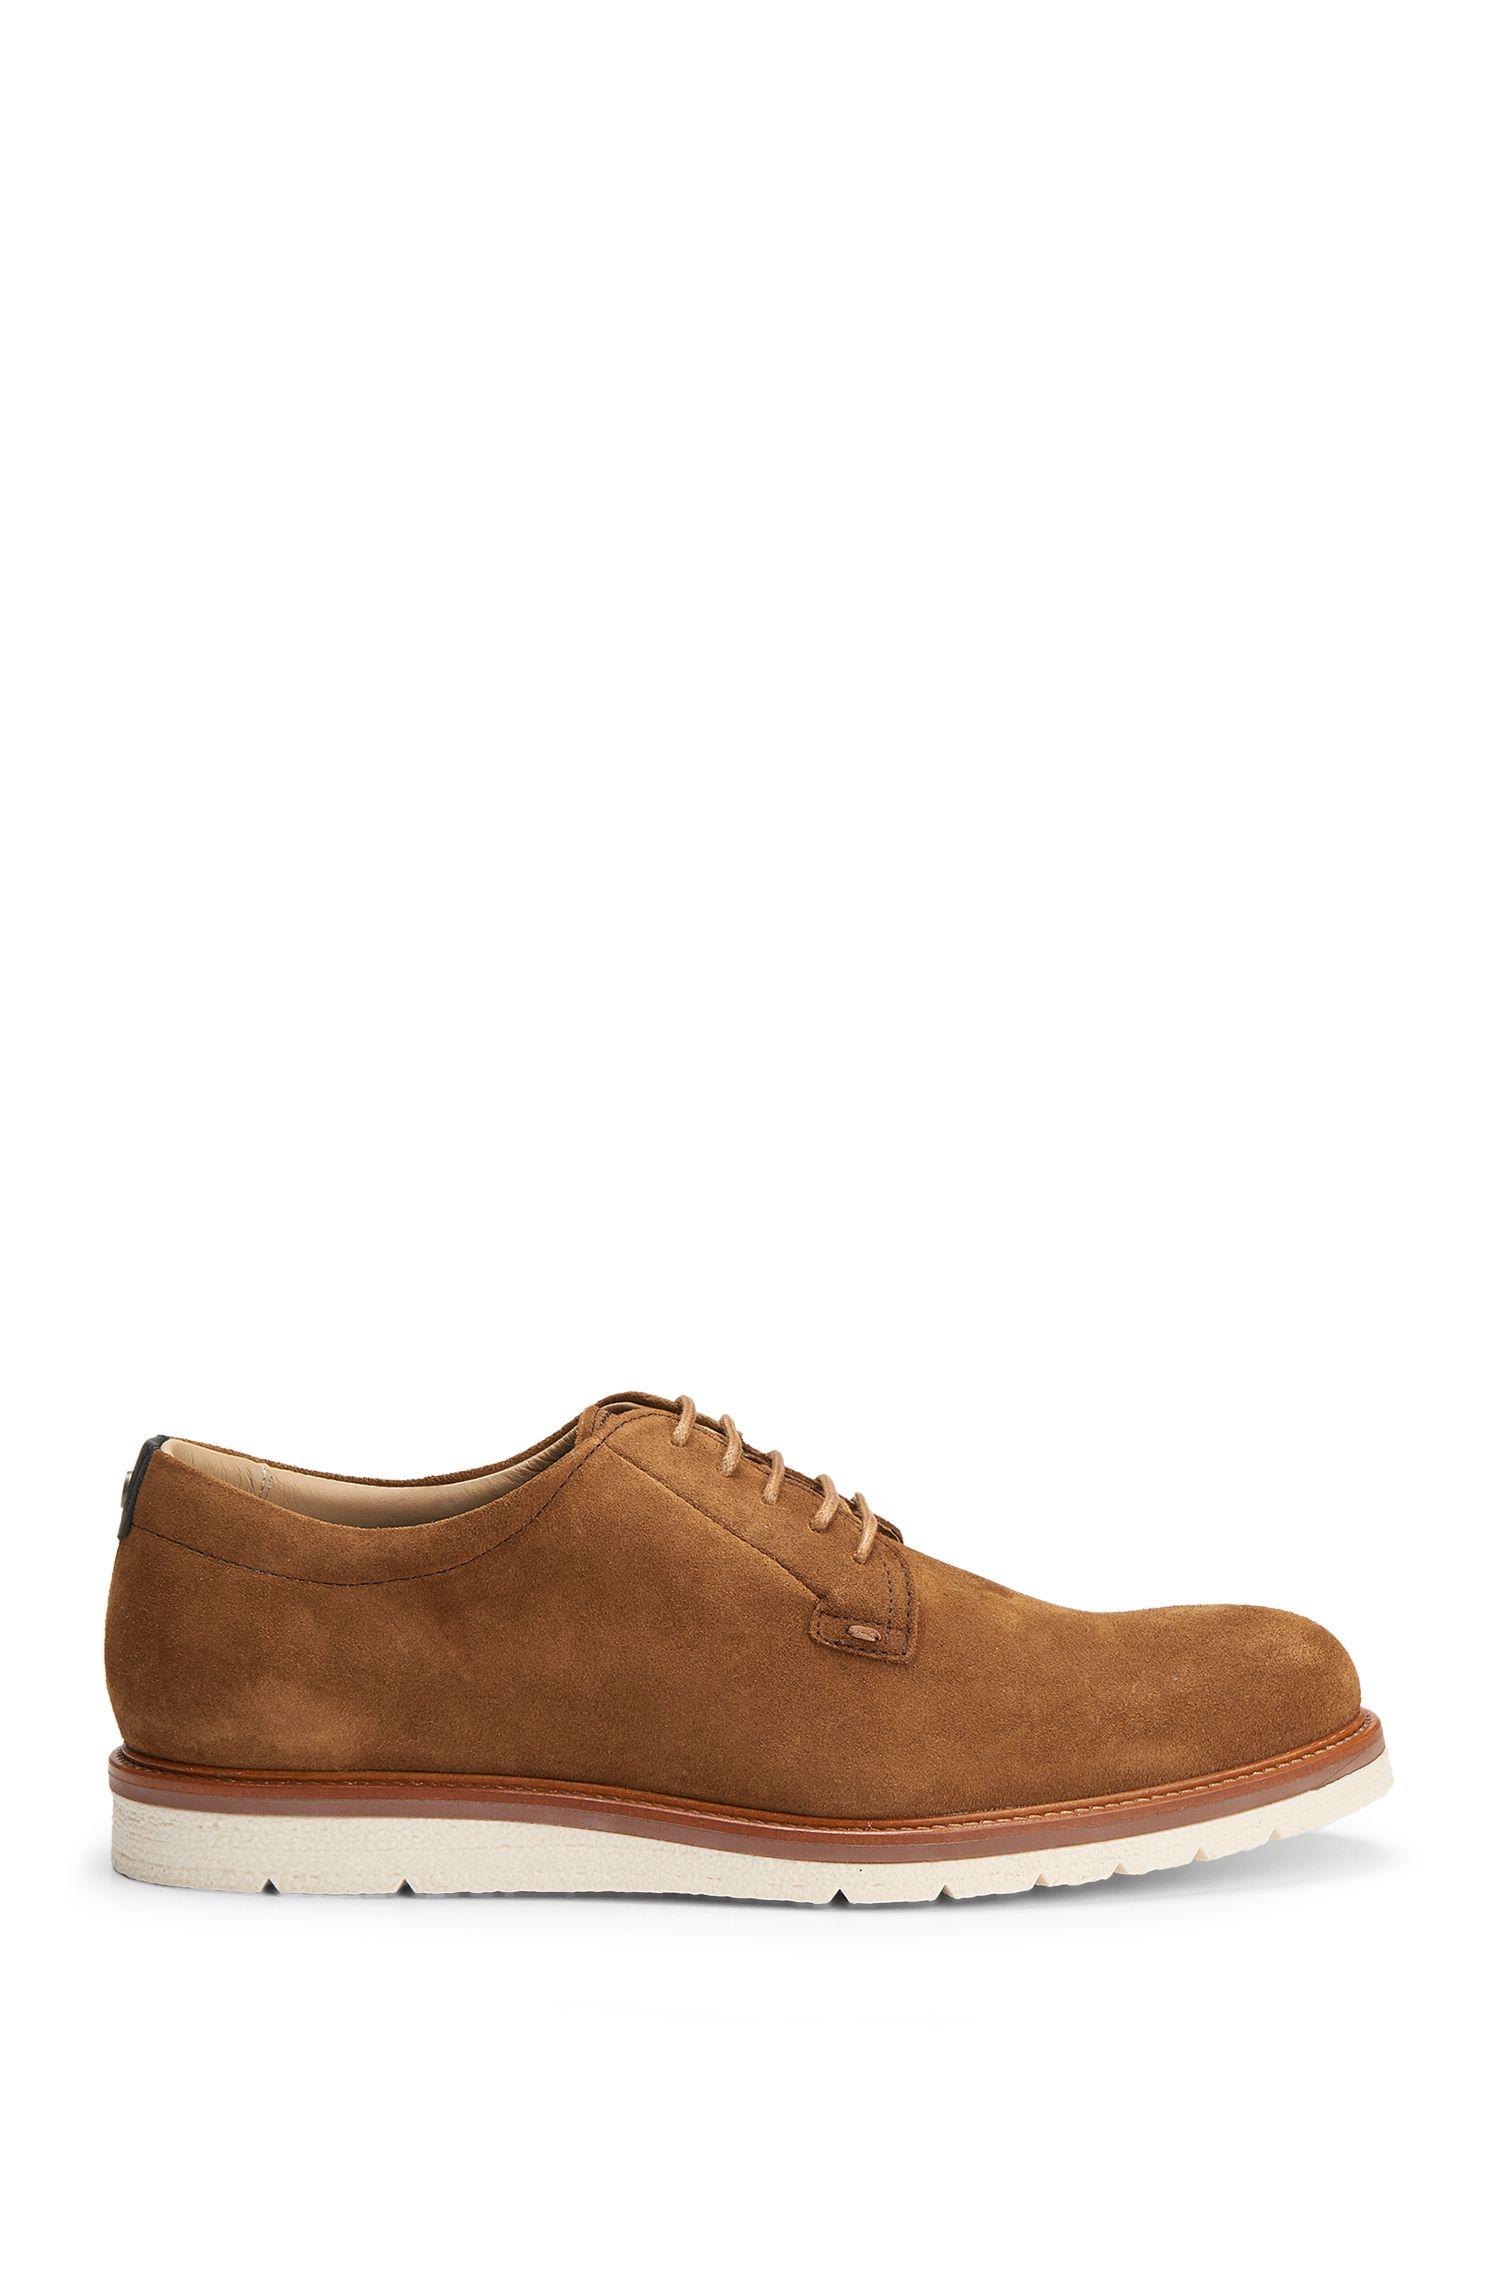 Suede Derby Shoe   Tuned Derb Sd1